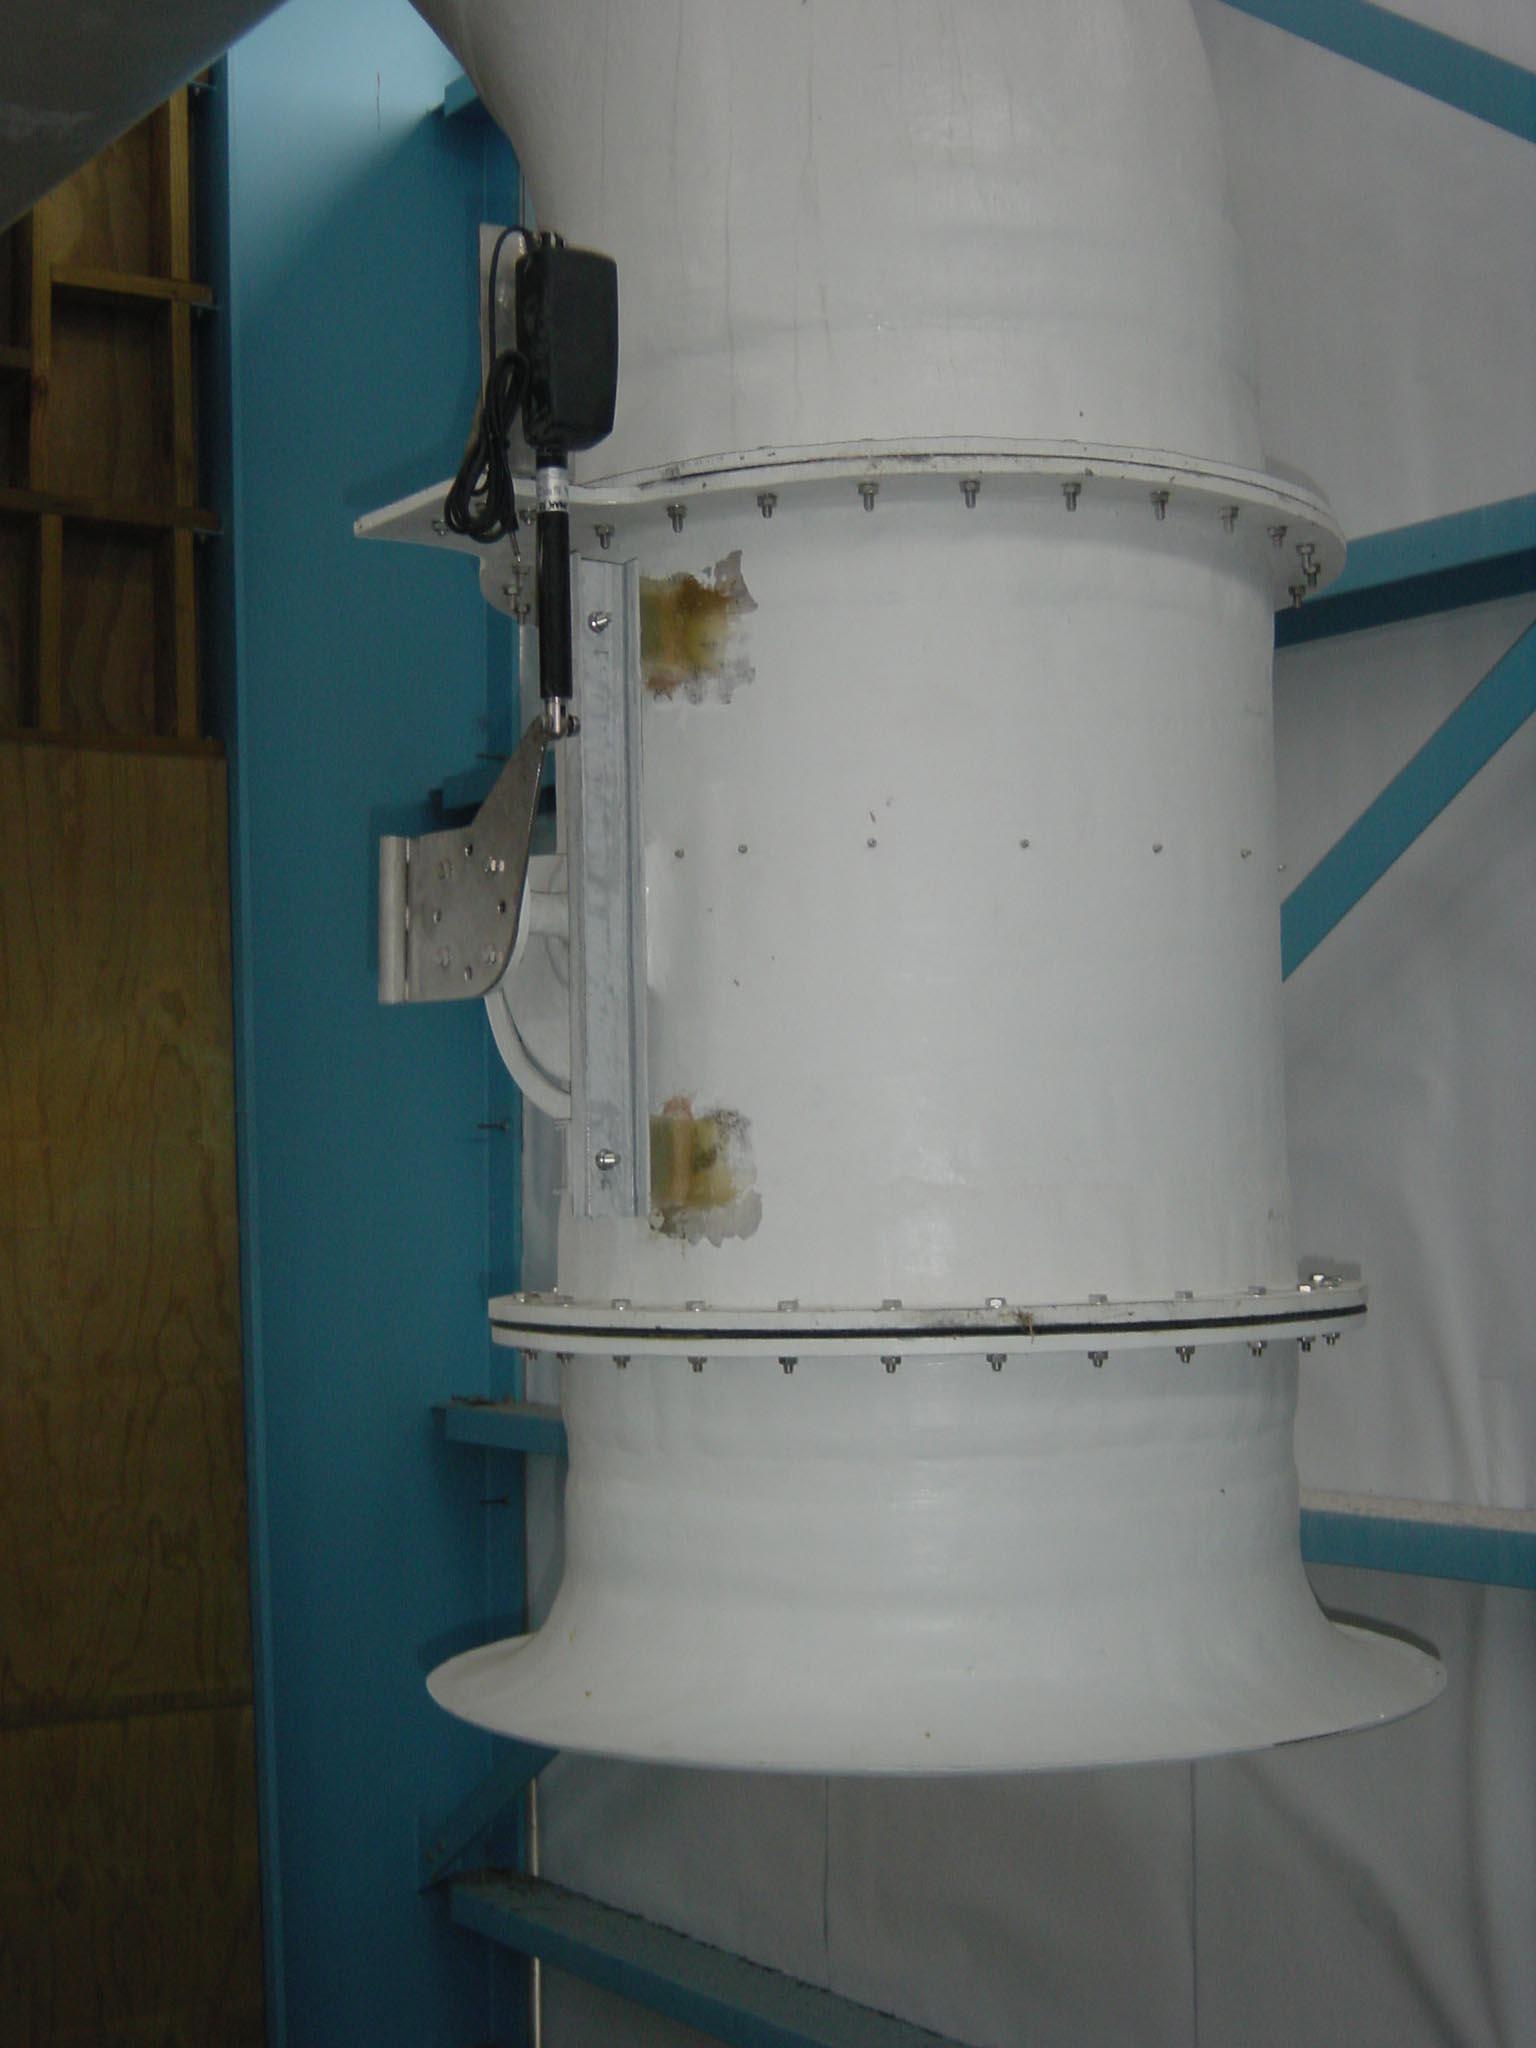 MWS Damper Actuated 2.jpg